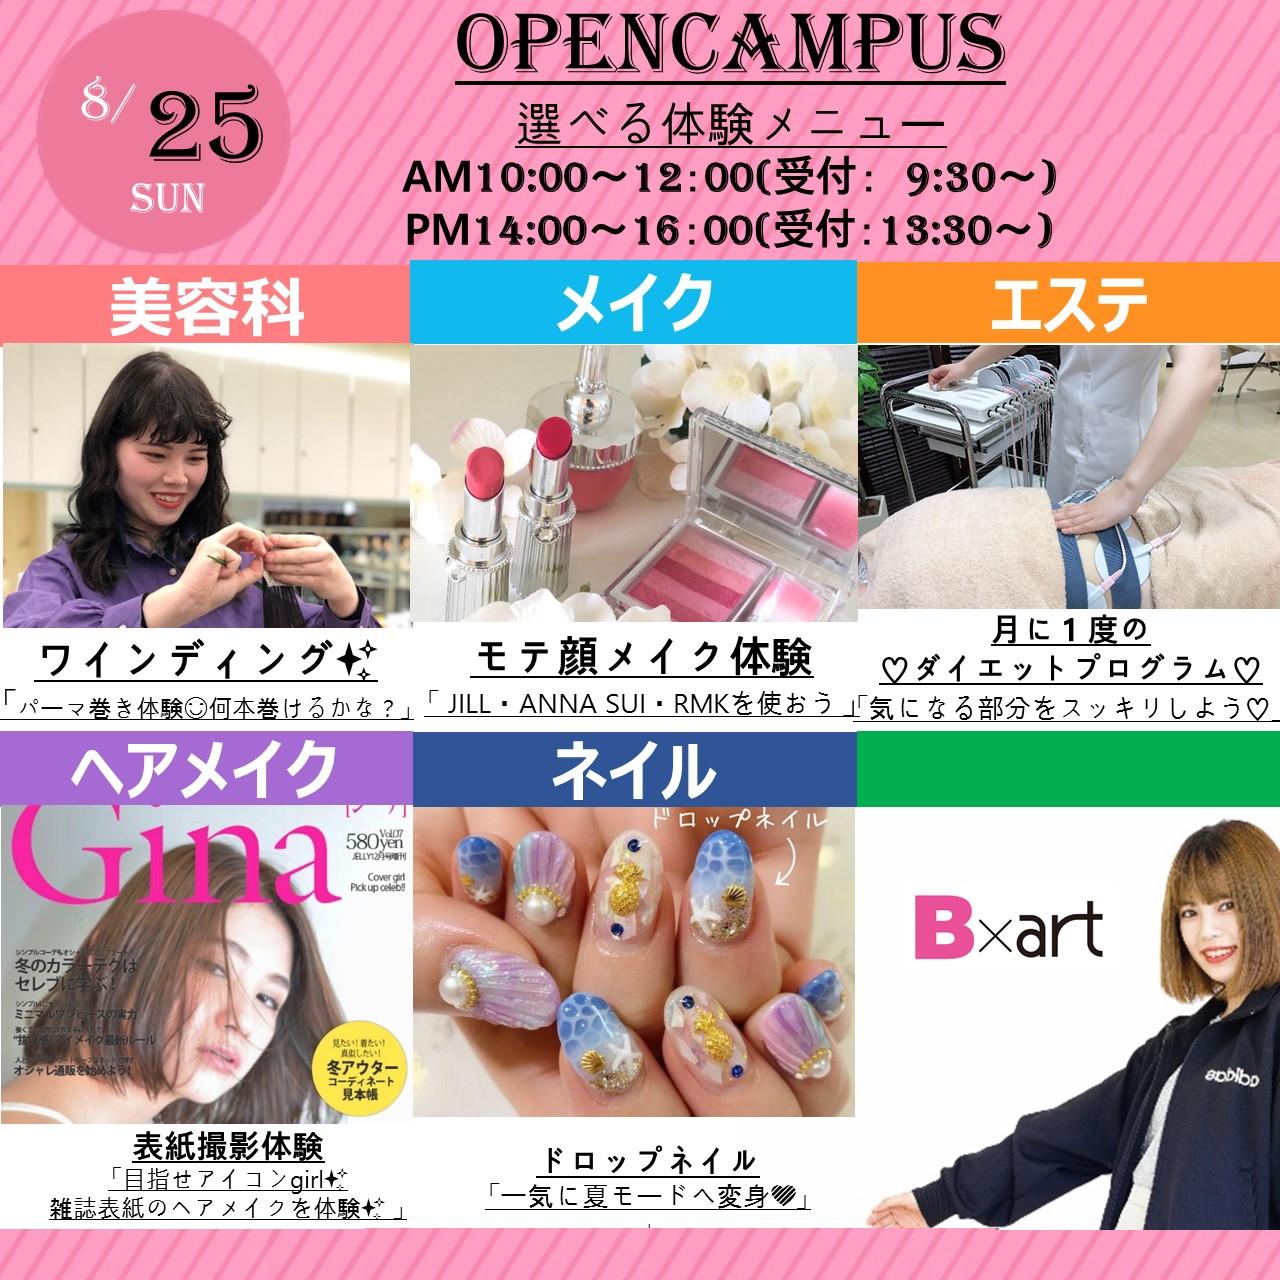 8月25日イベカレ用PPT フォーマット - 横VER.jpg